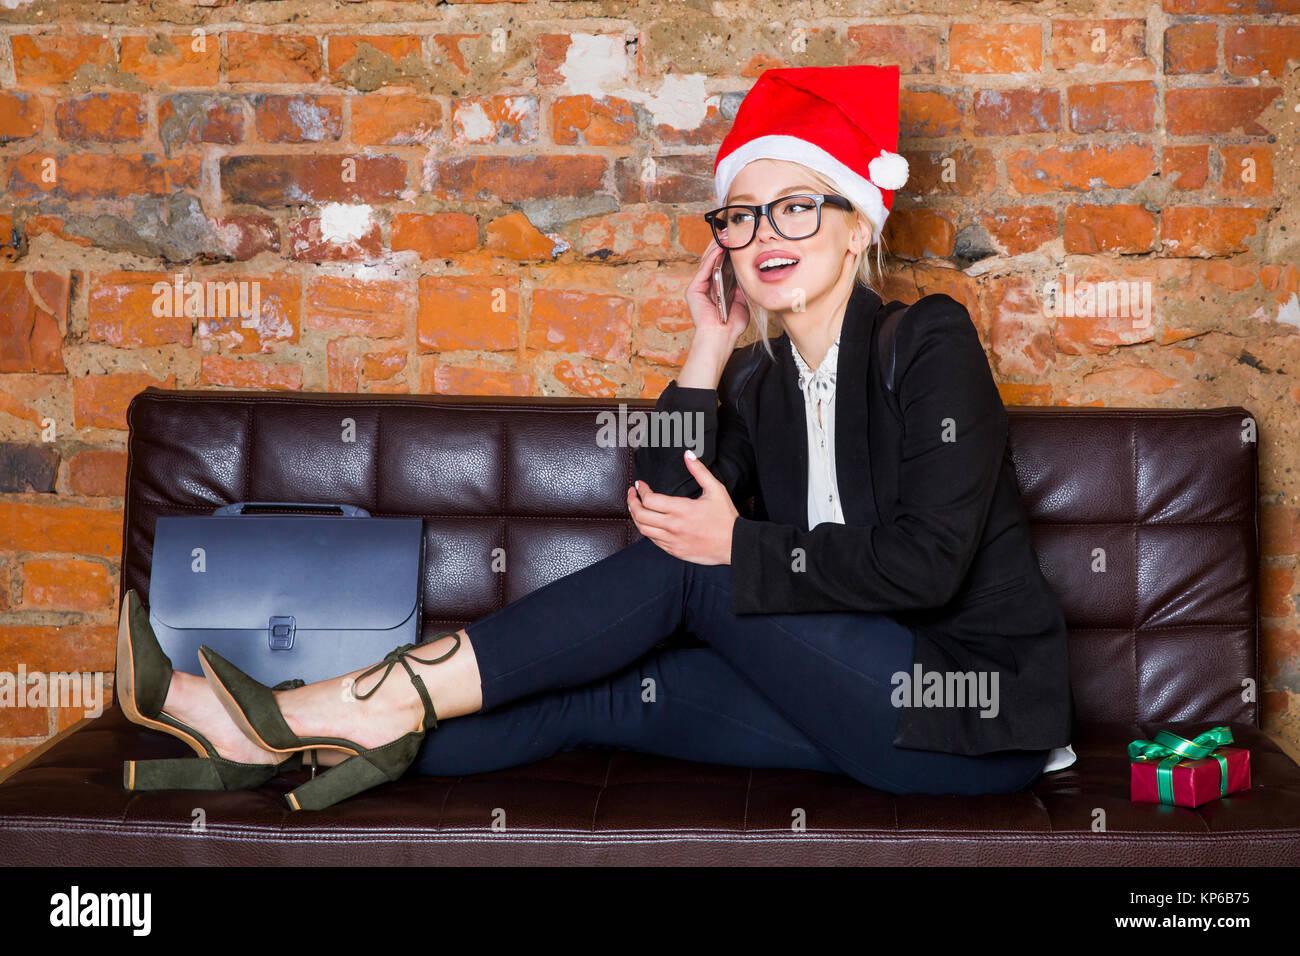 Weihnachten Zeit Im Buro Junge Schone Blondine Business Woman Auf